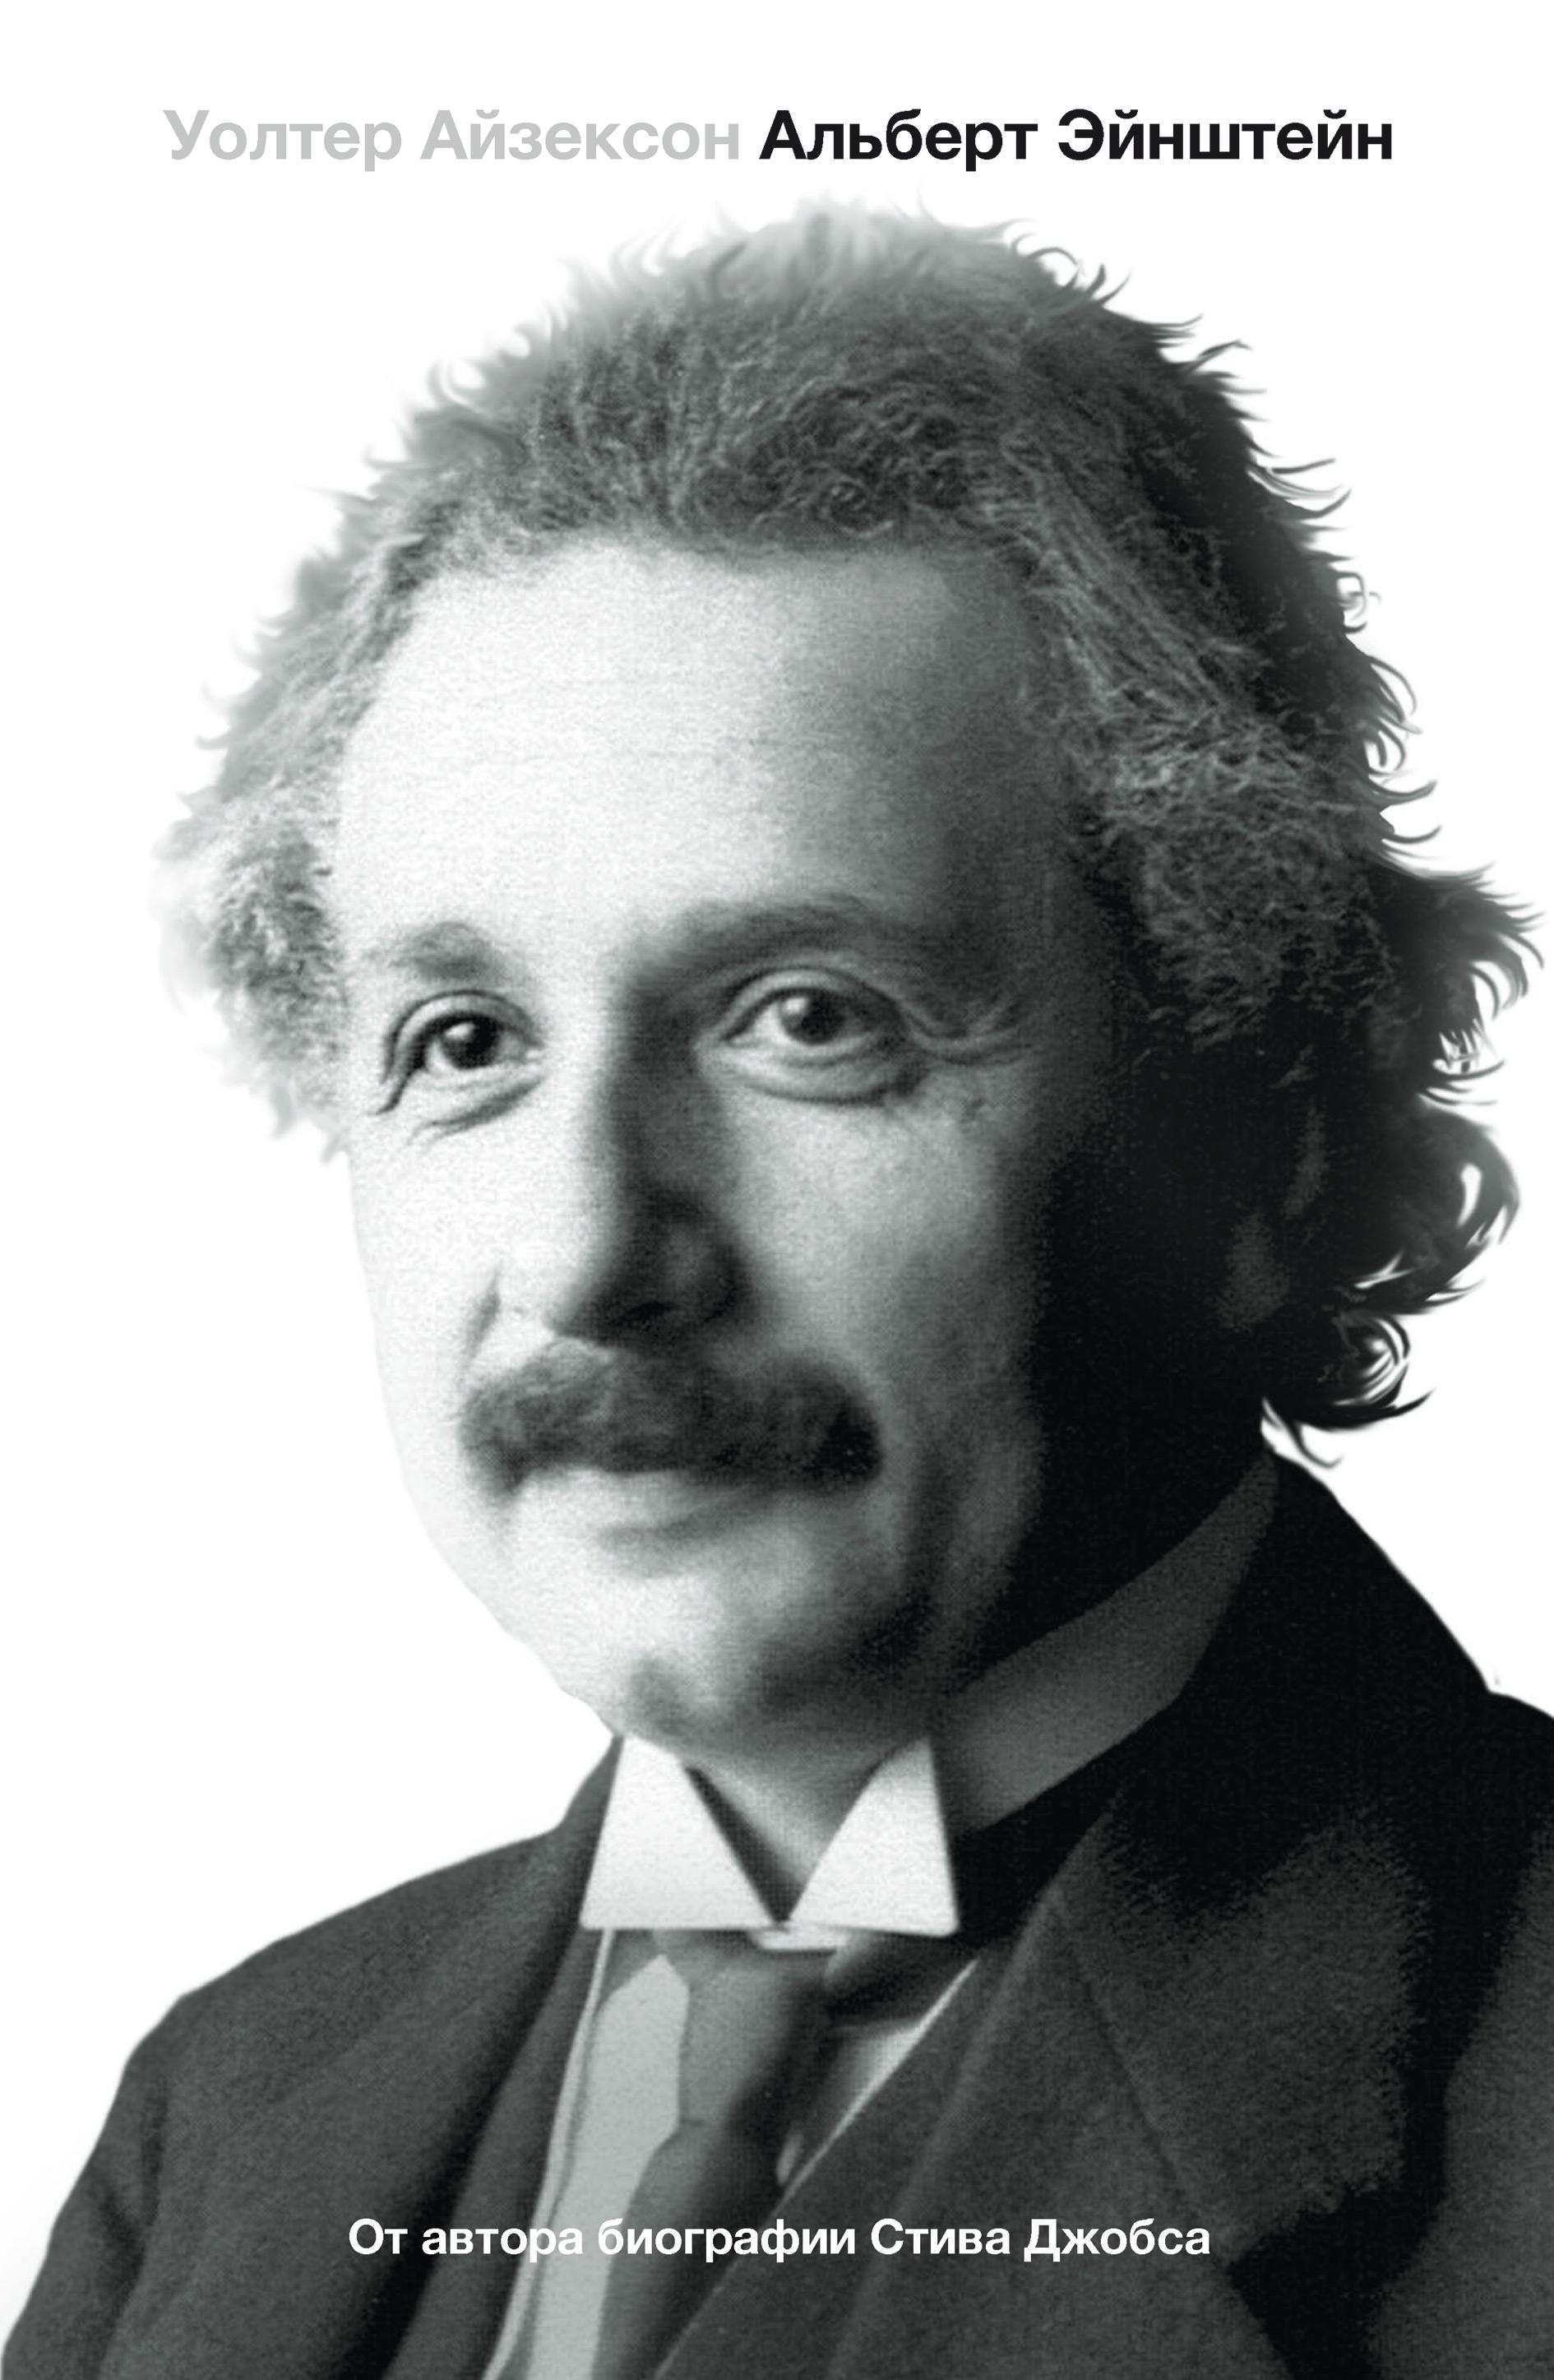 Уолтер Айзексон Эйнштейн. Его жизнь и его Вселенная уолтер айзексон эйнштейн его жизнь и его вселенная